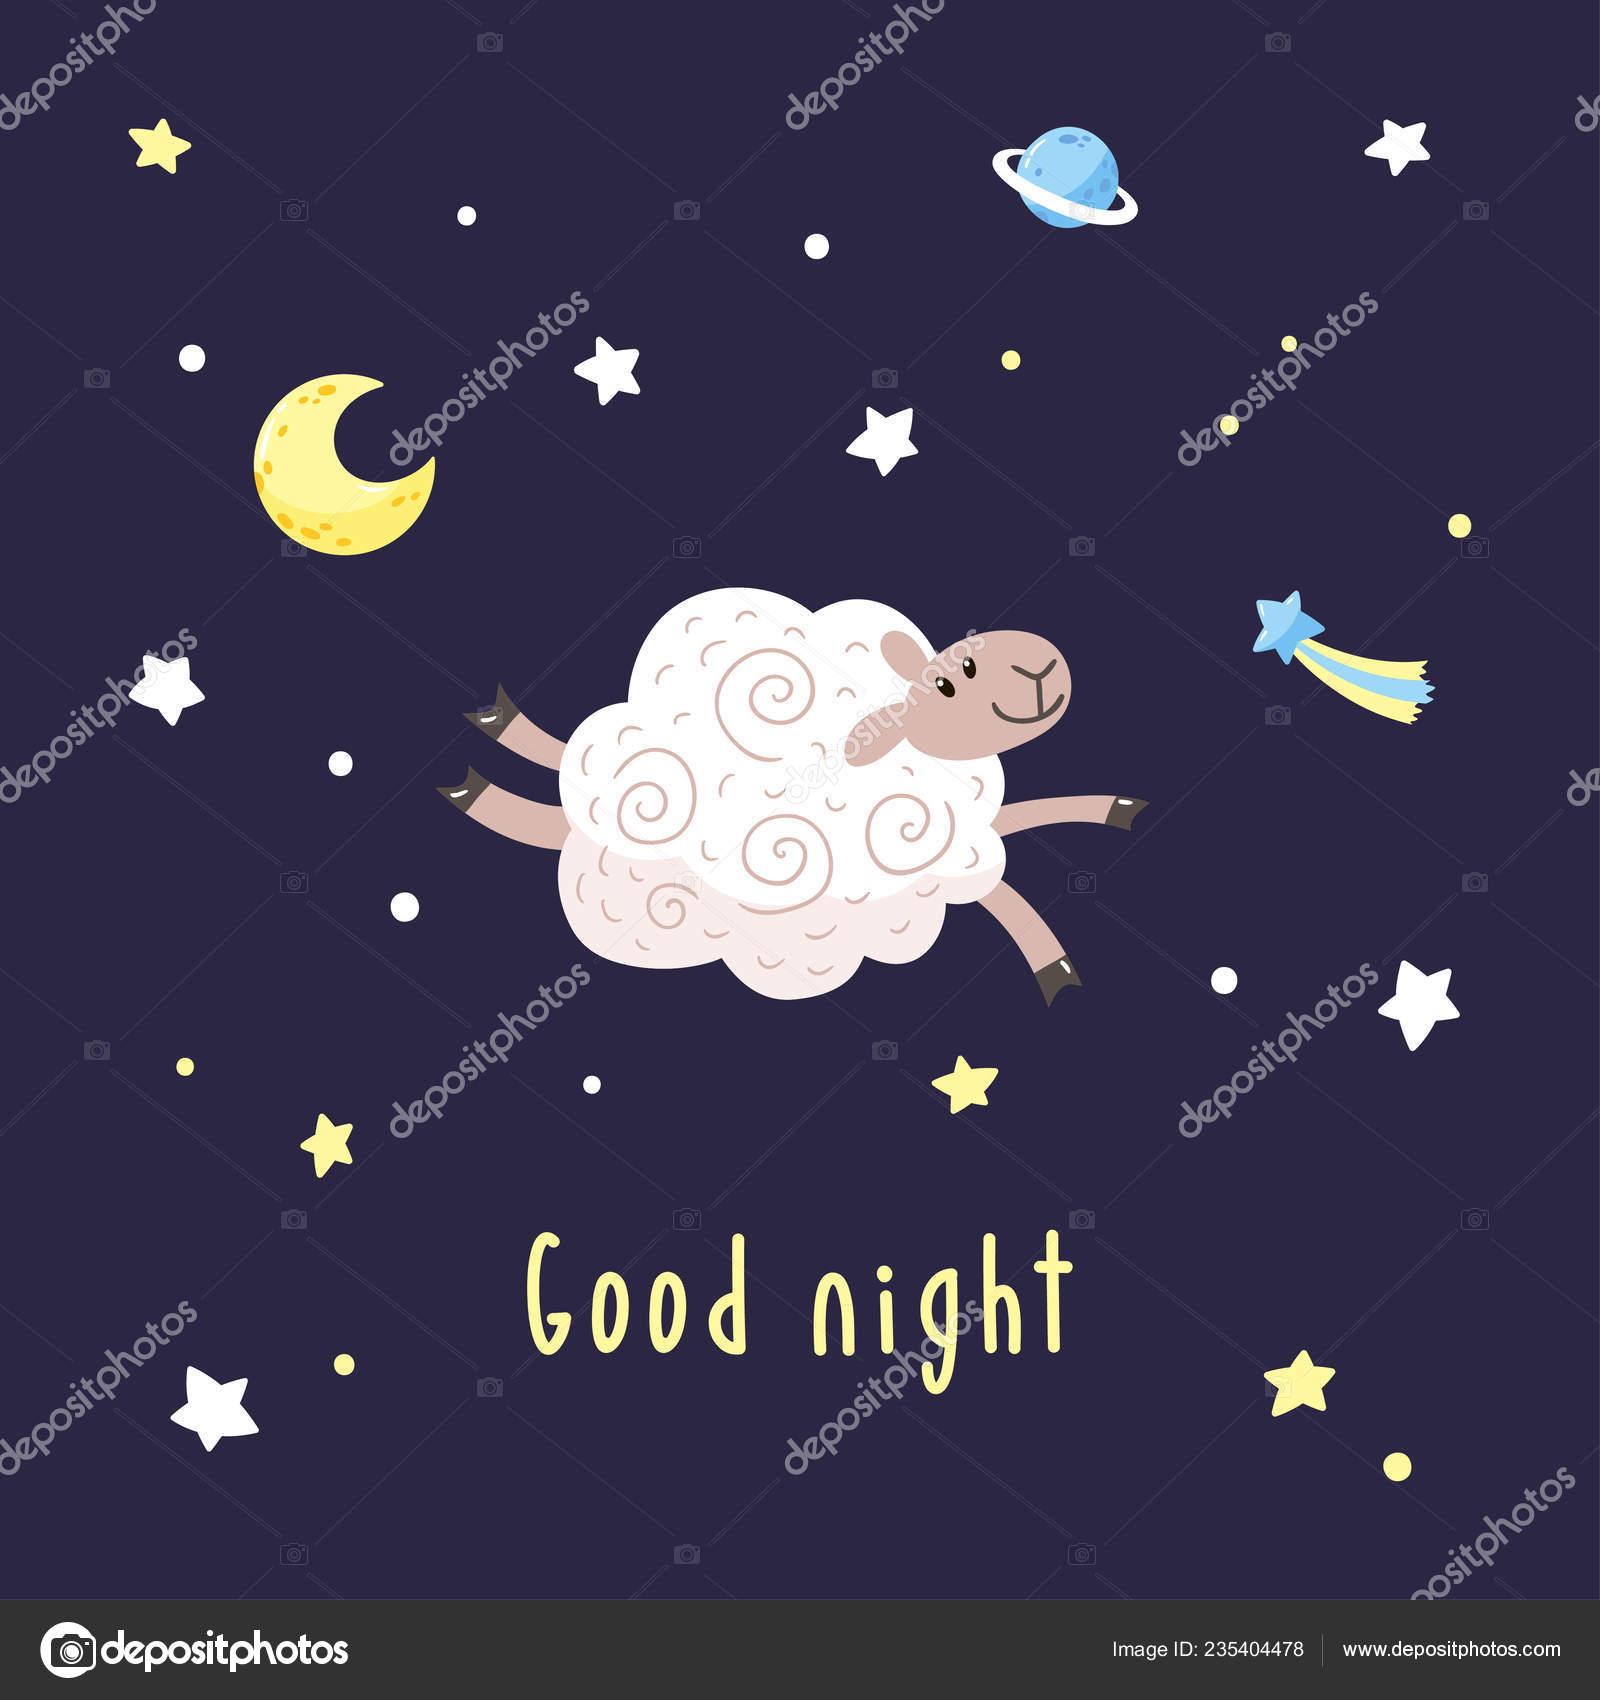 Illustrazione Buonanotte Stella Cometa Sfondo Scuro Notte